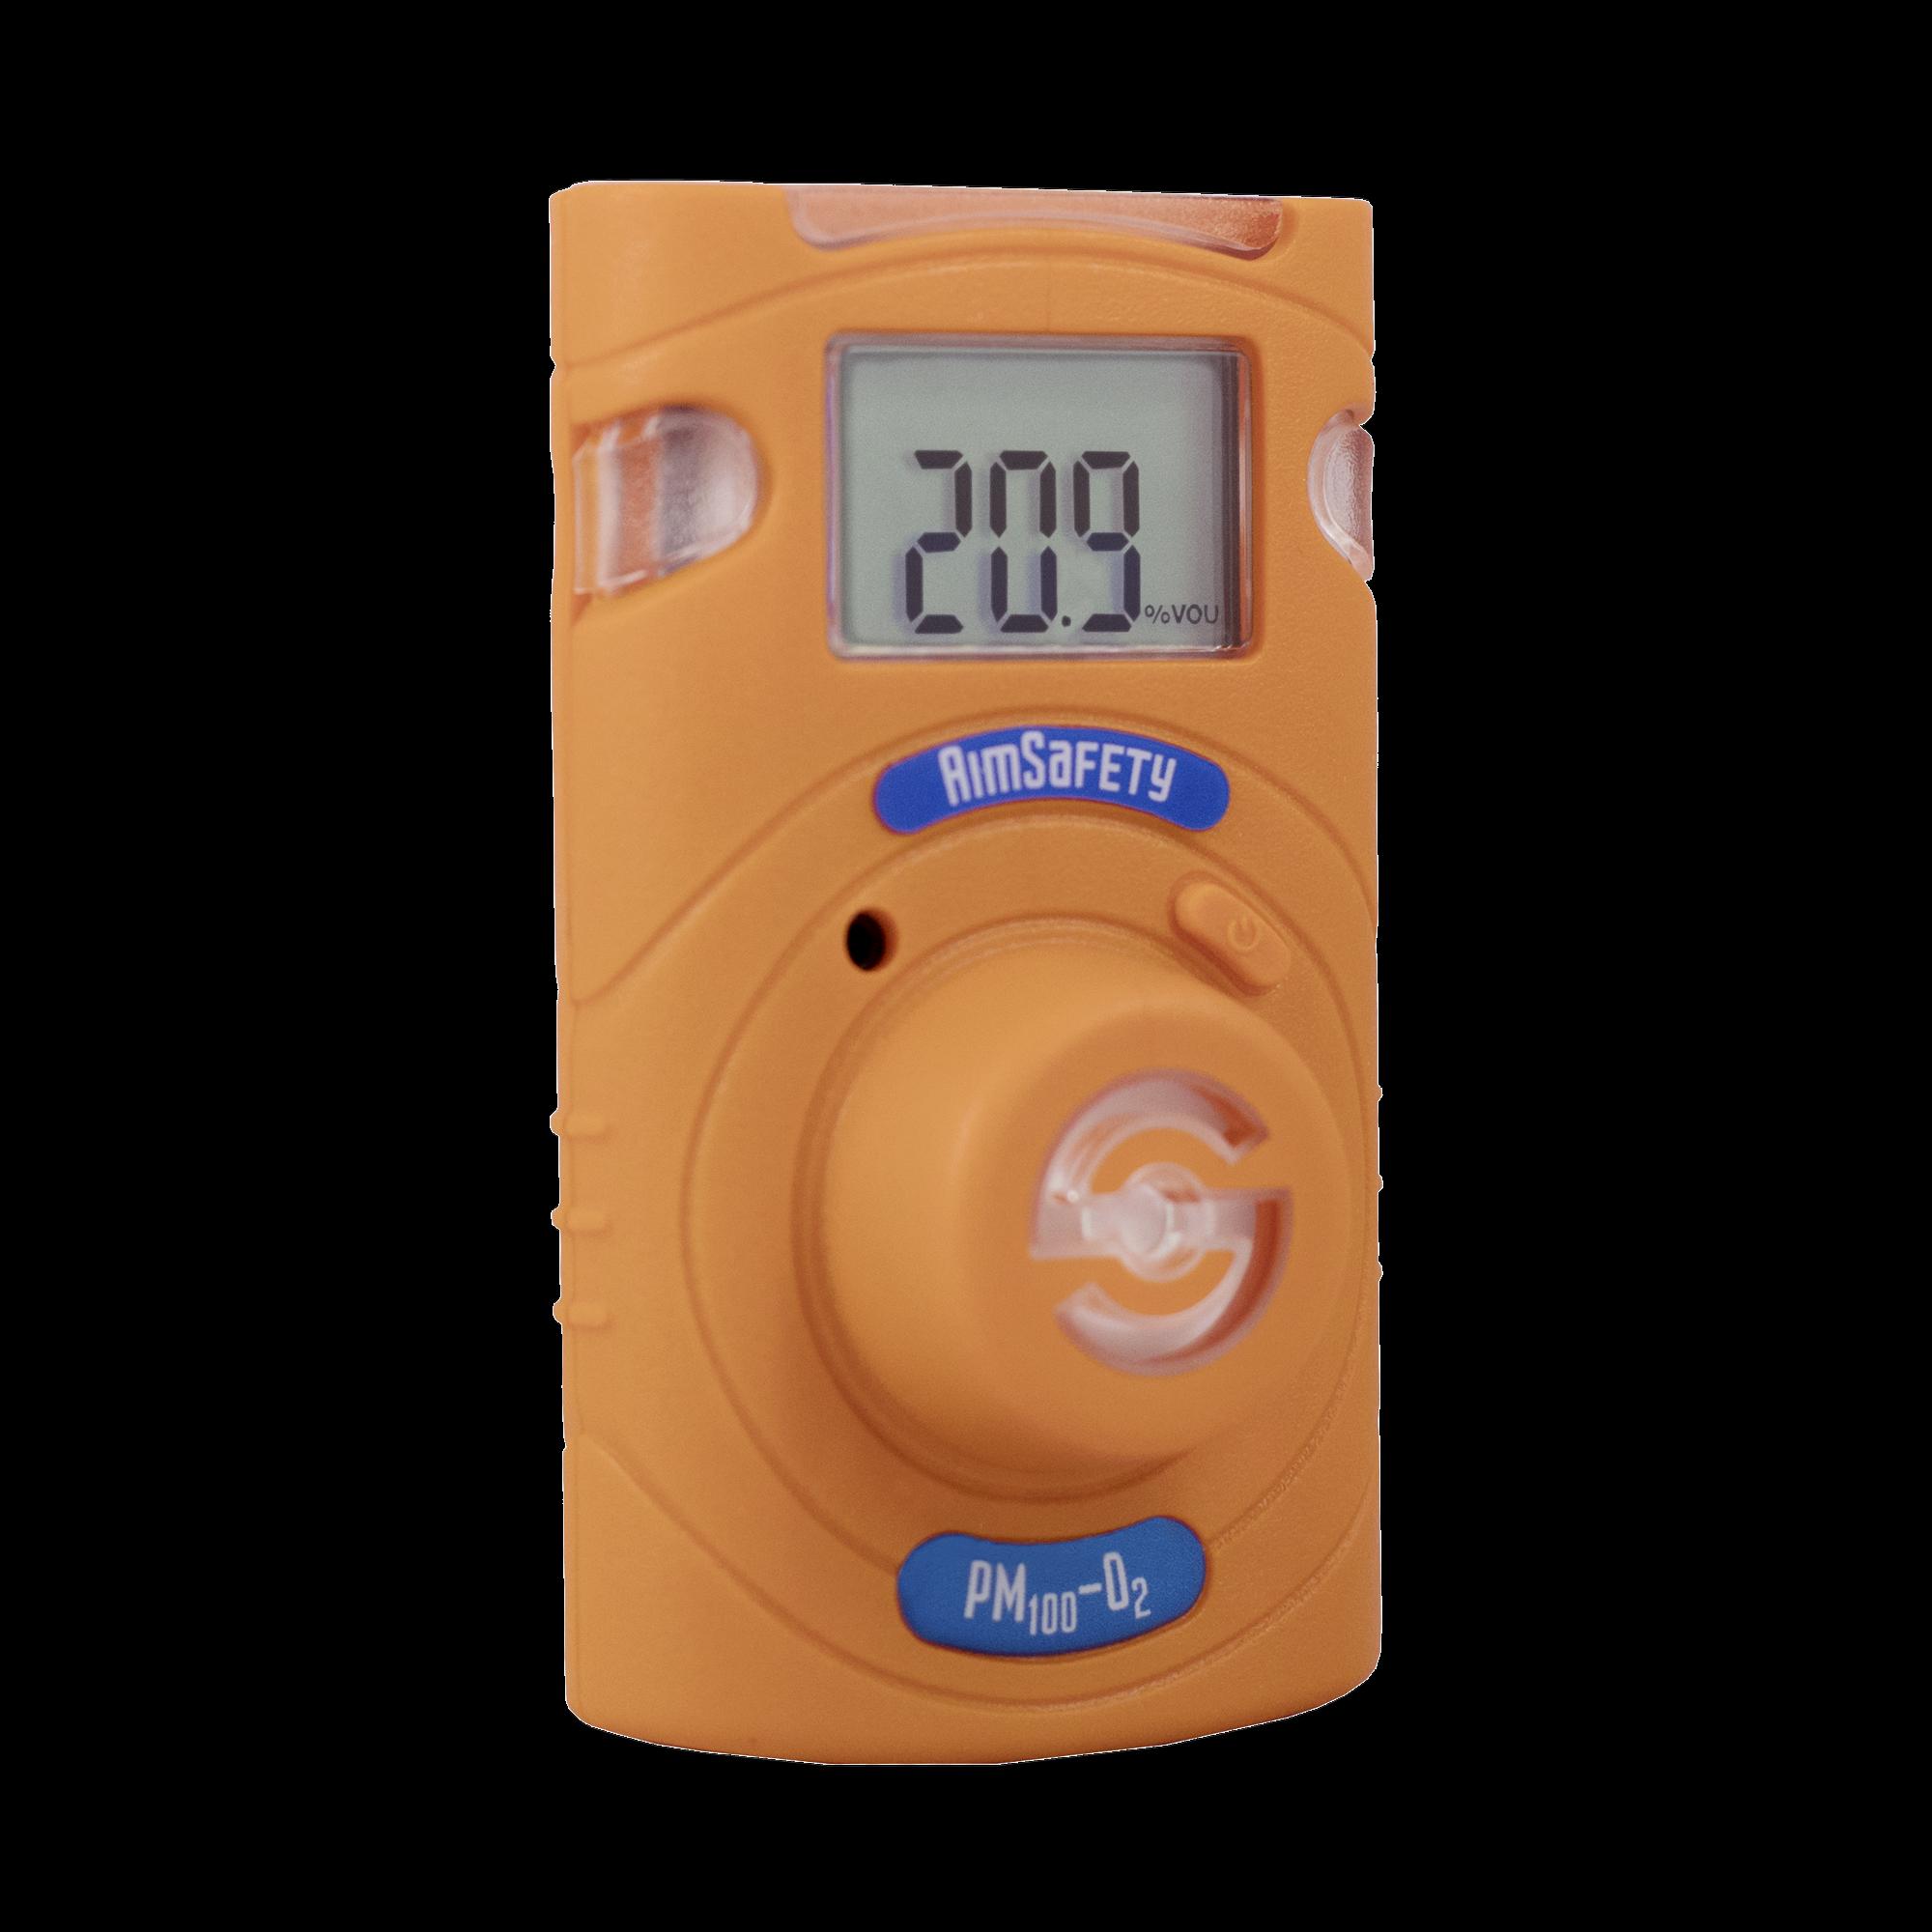 Monitor Personal de Oxigeno (O2) | Durabilidad 2 Años Desechable